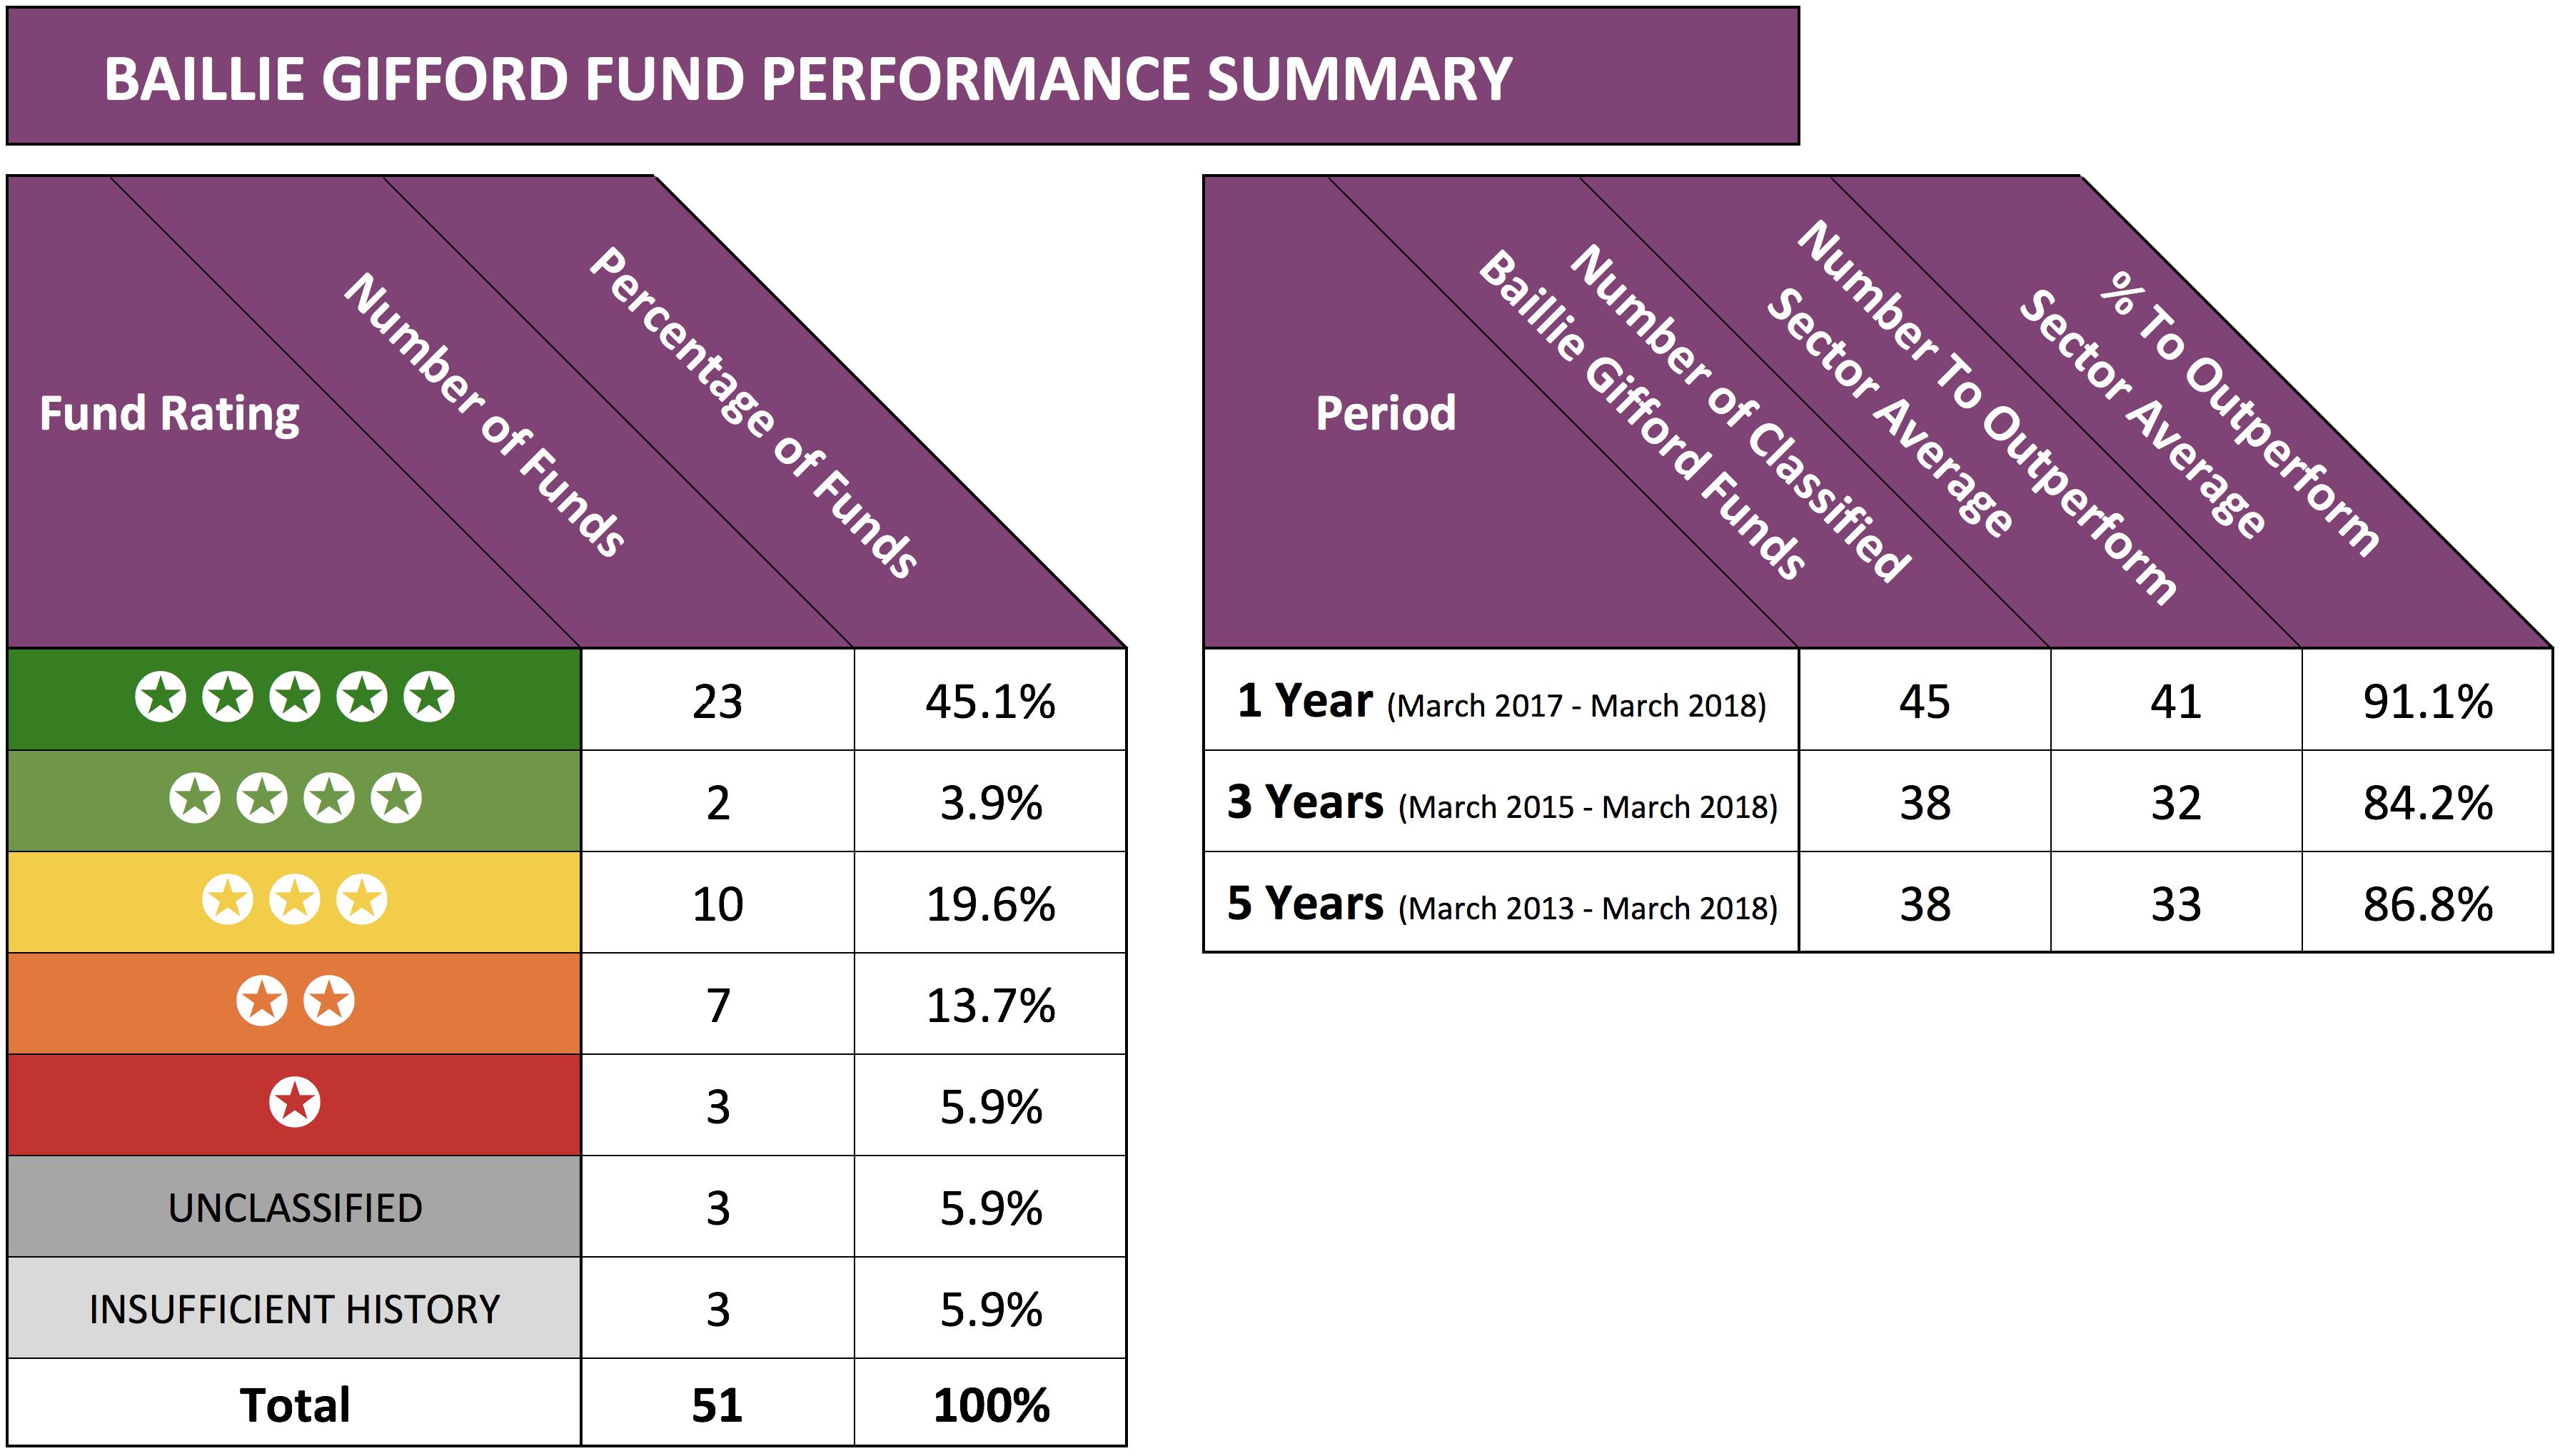 Baillie gifford performance summary